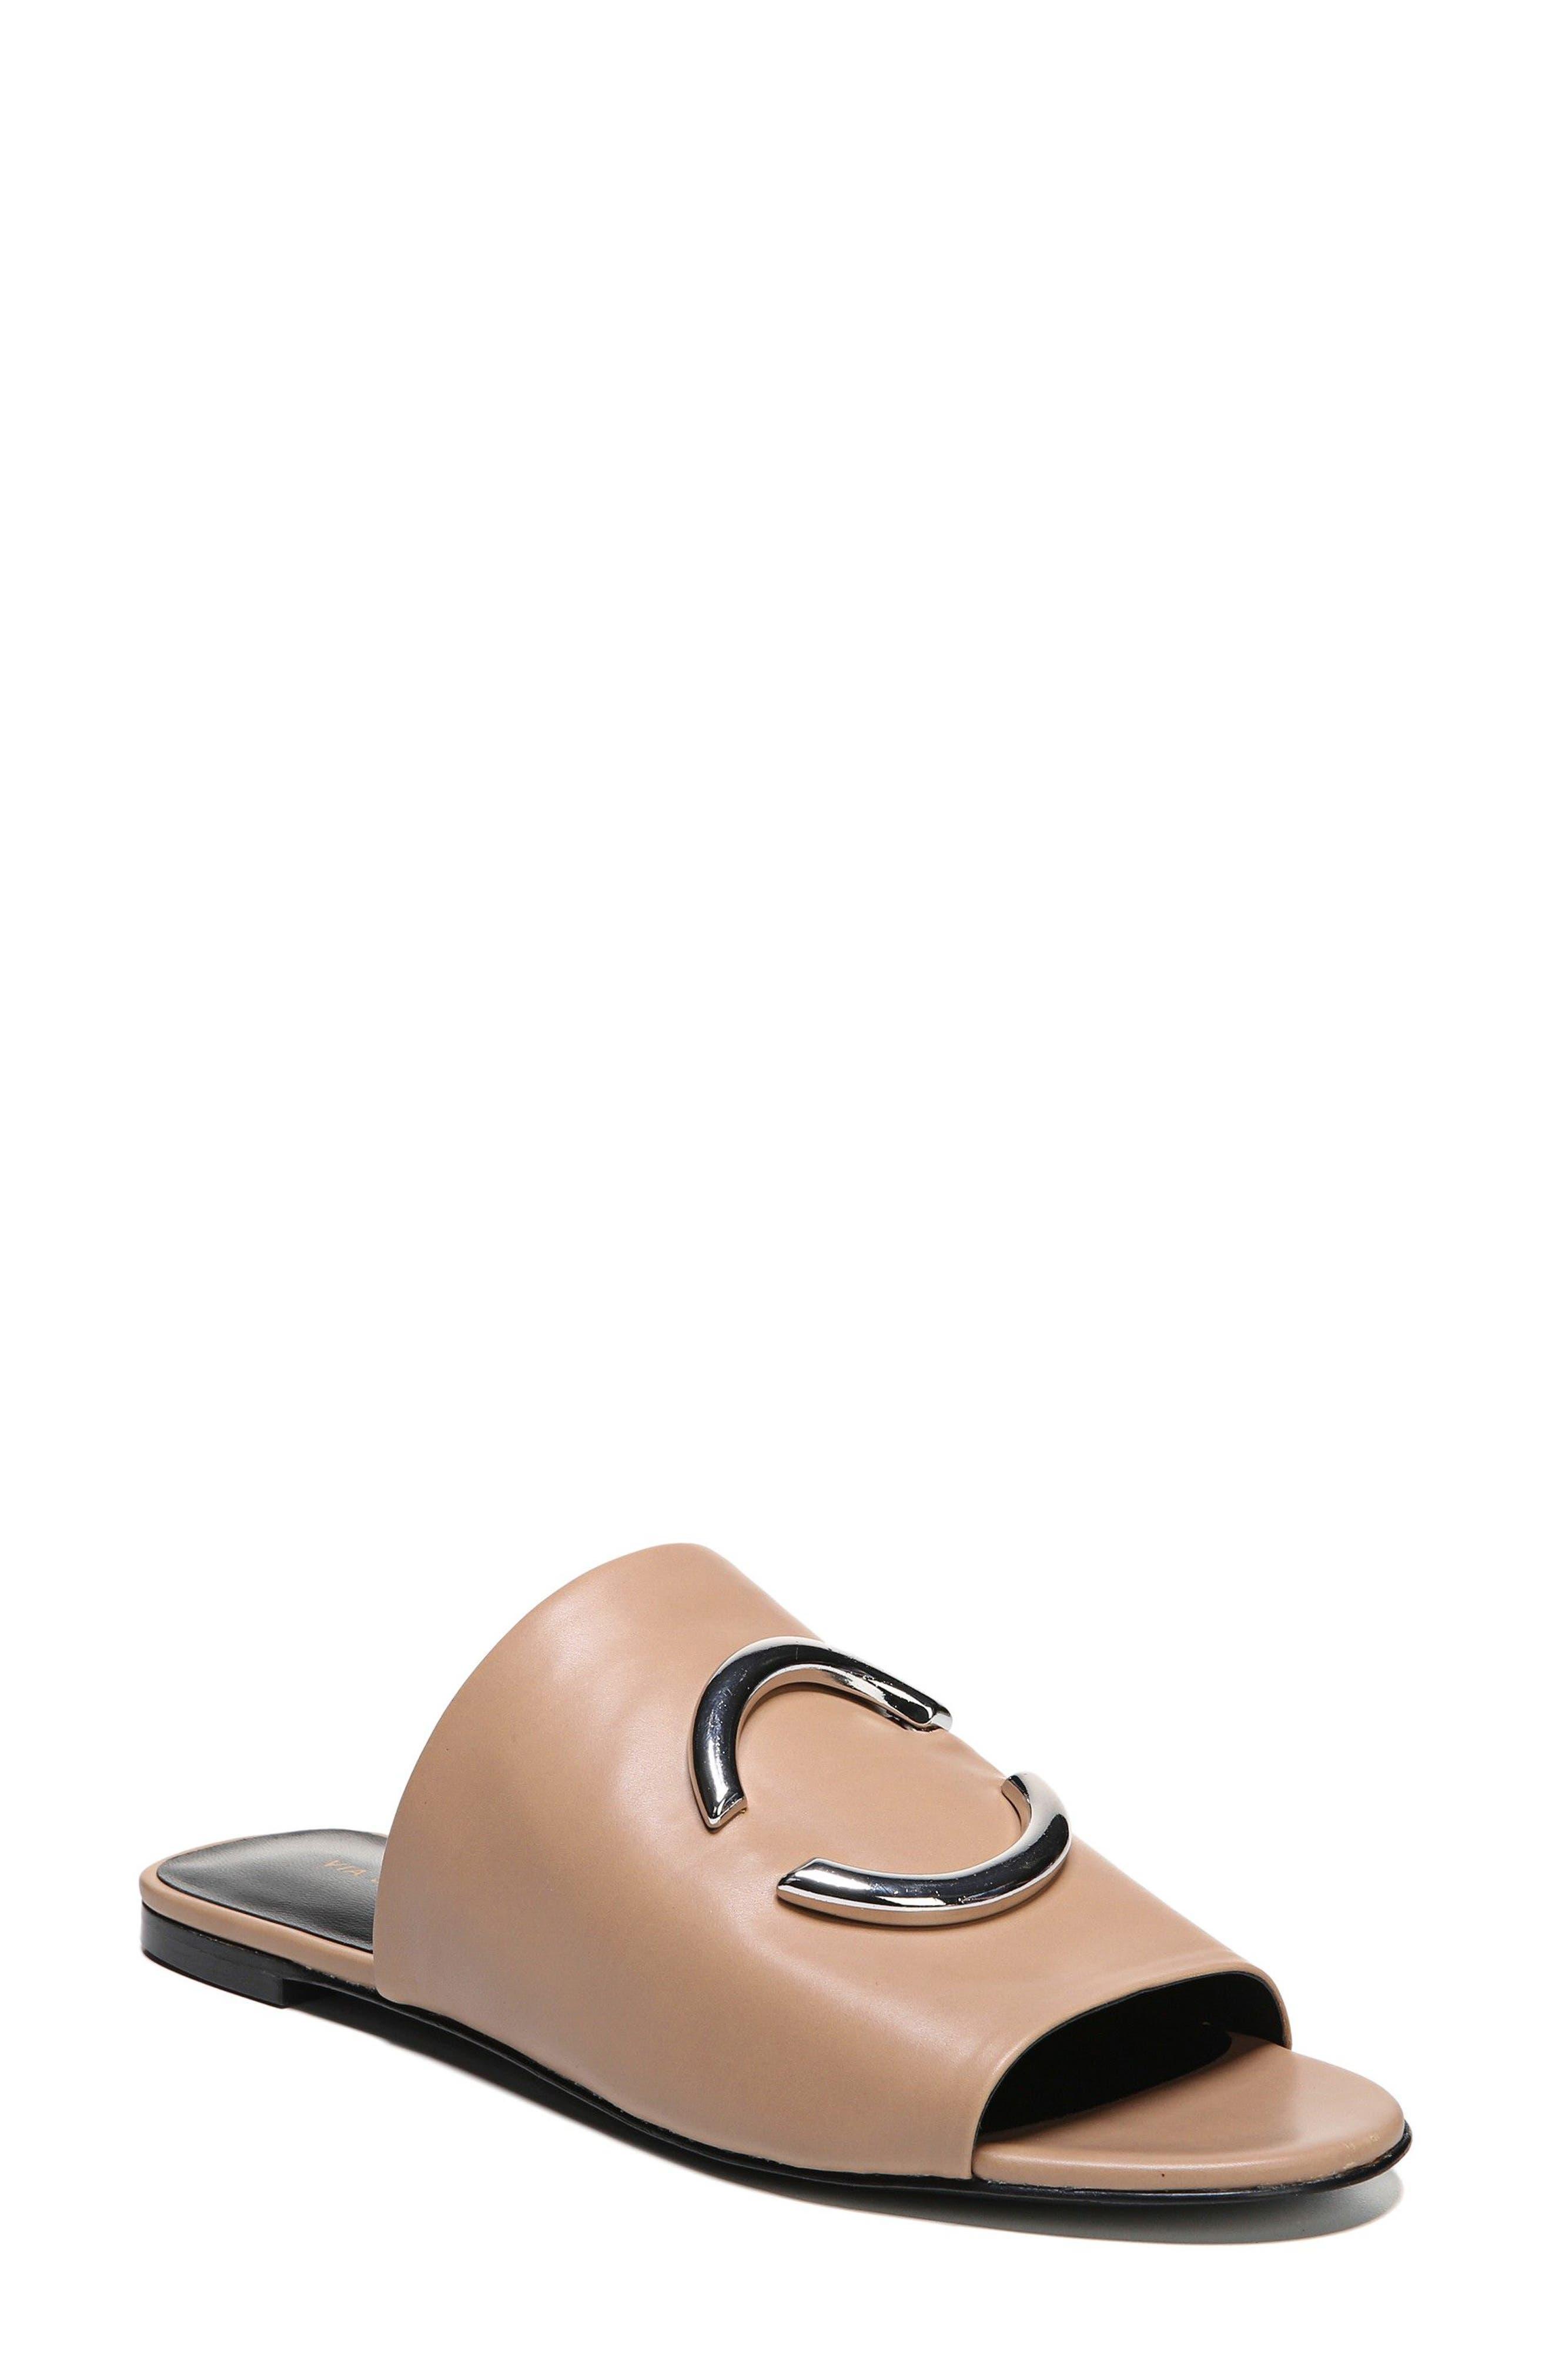 Helena Slide Sandal,                             Main thumbnail 1, color,                             Desert Leather